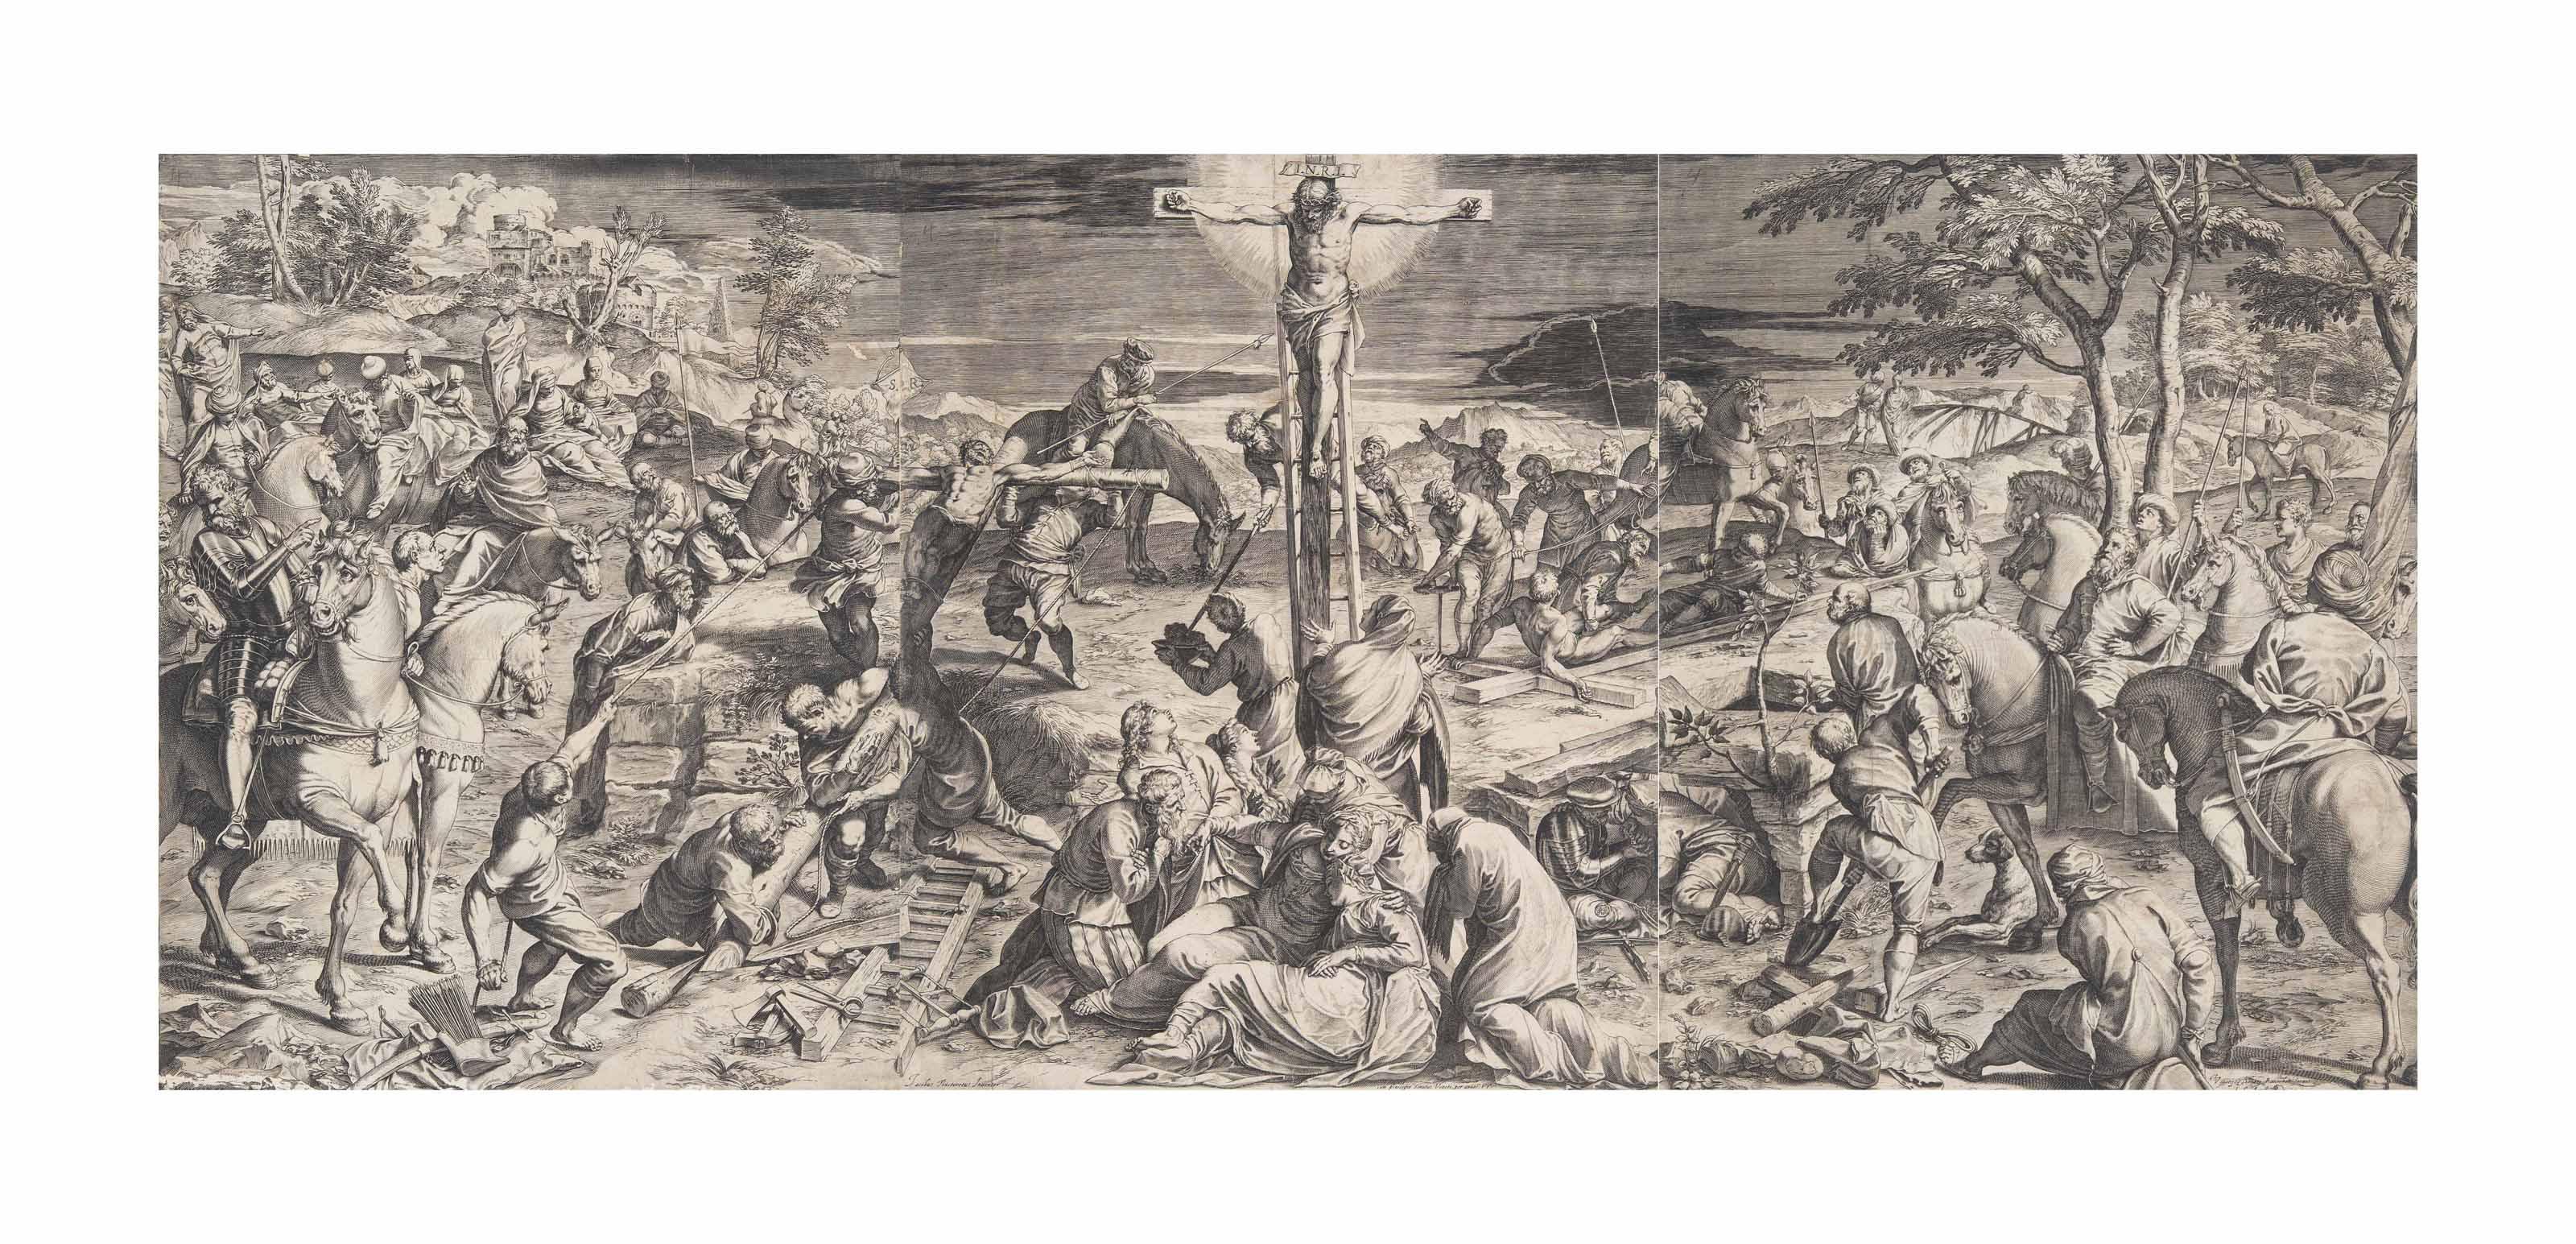 The Crucifixion (Bartsch 23)